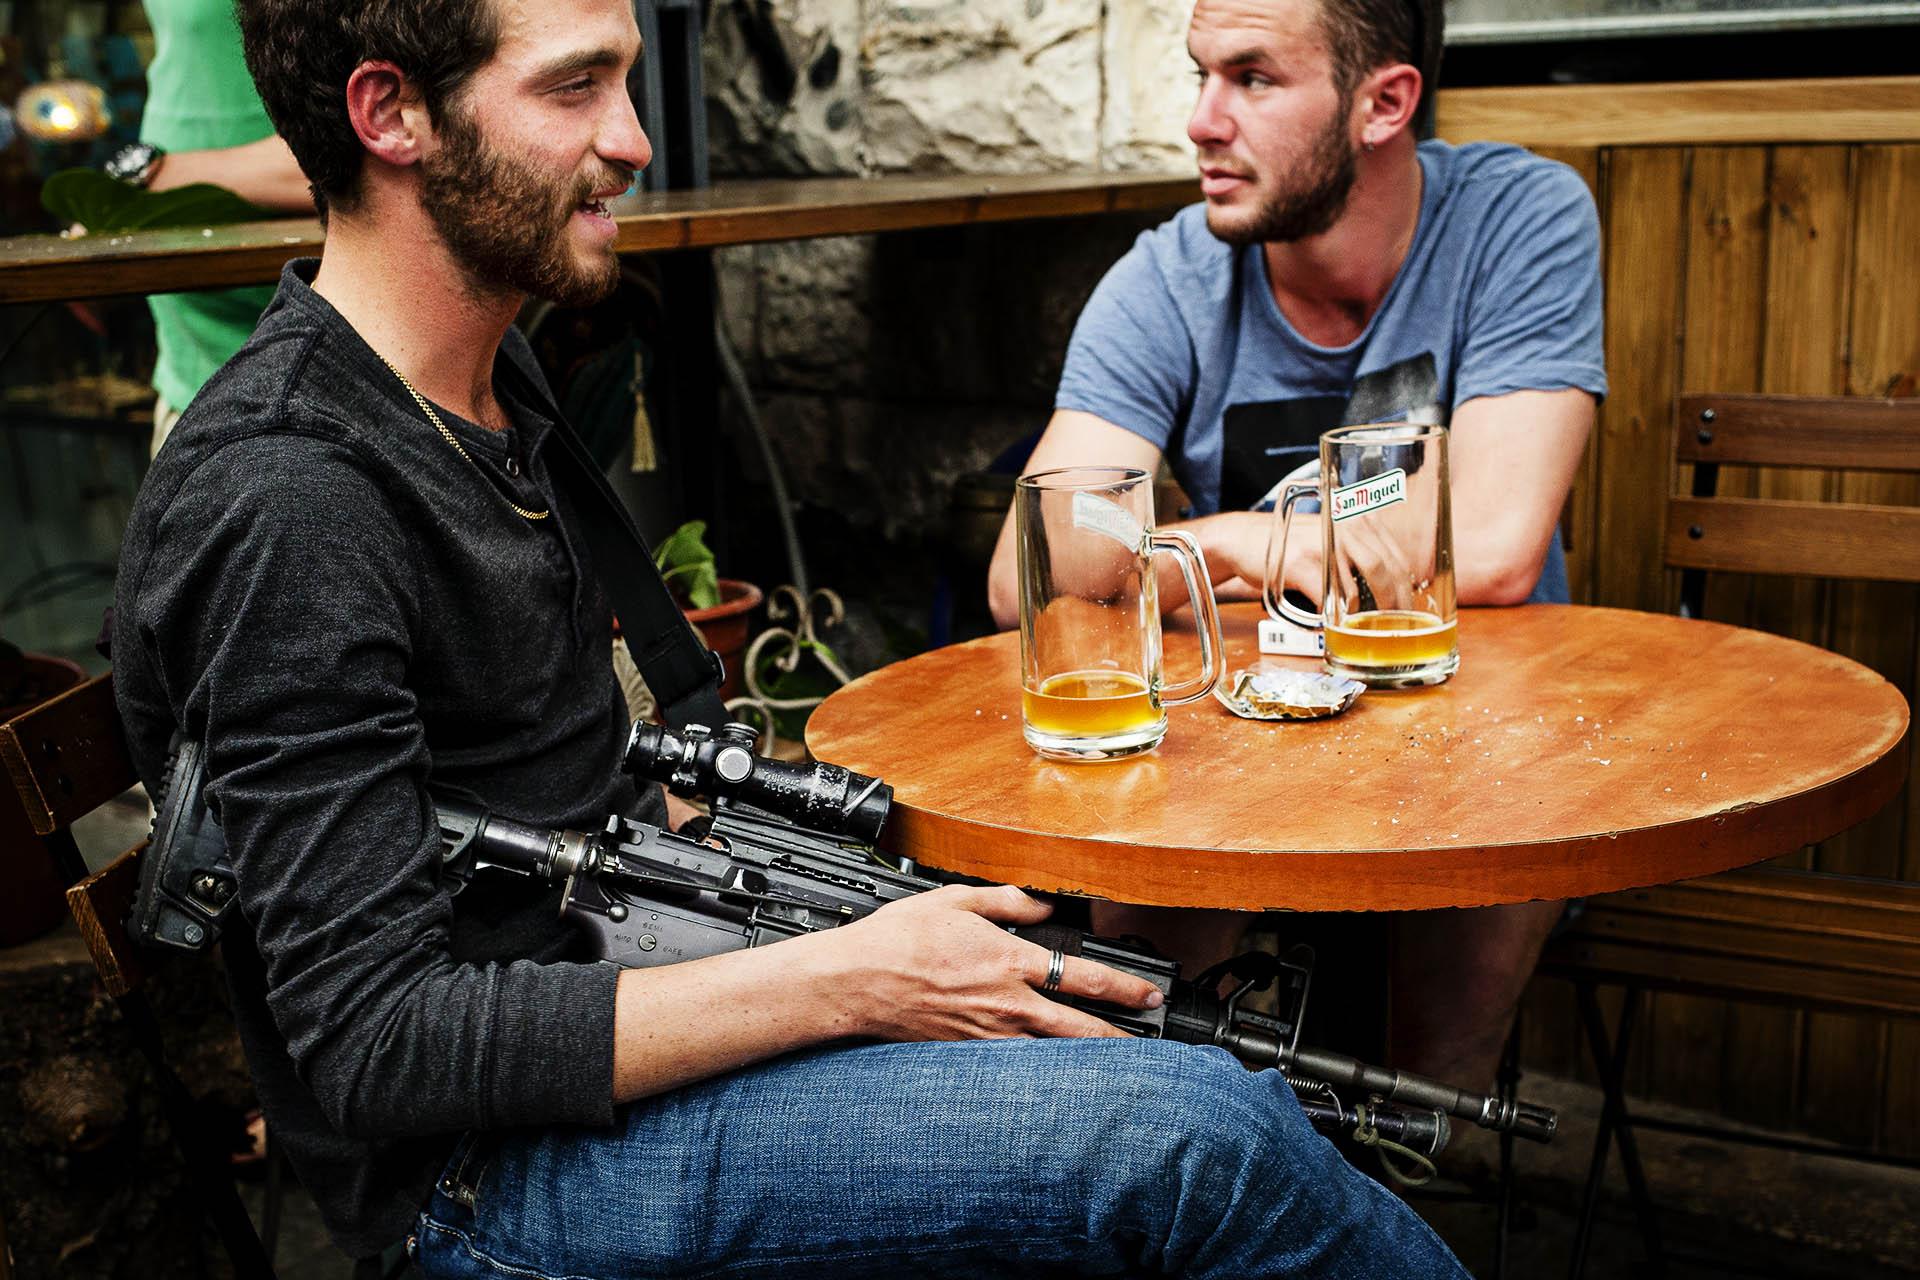 27-La militarización de la sociedad israelí es algo muy llamativo para los visitantes. Mercado de Yafo.